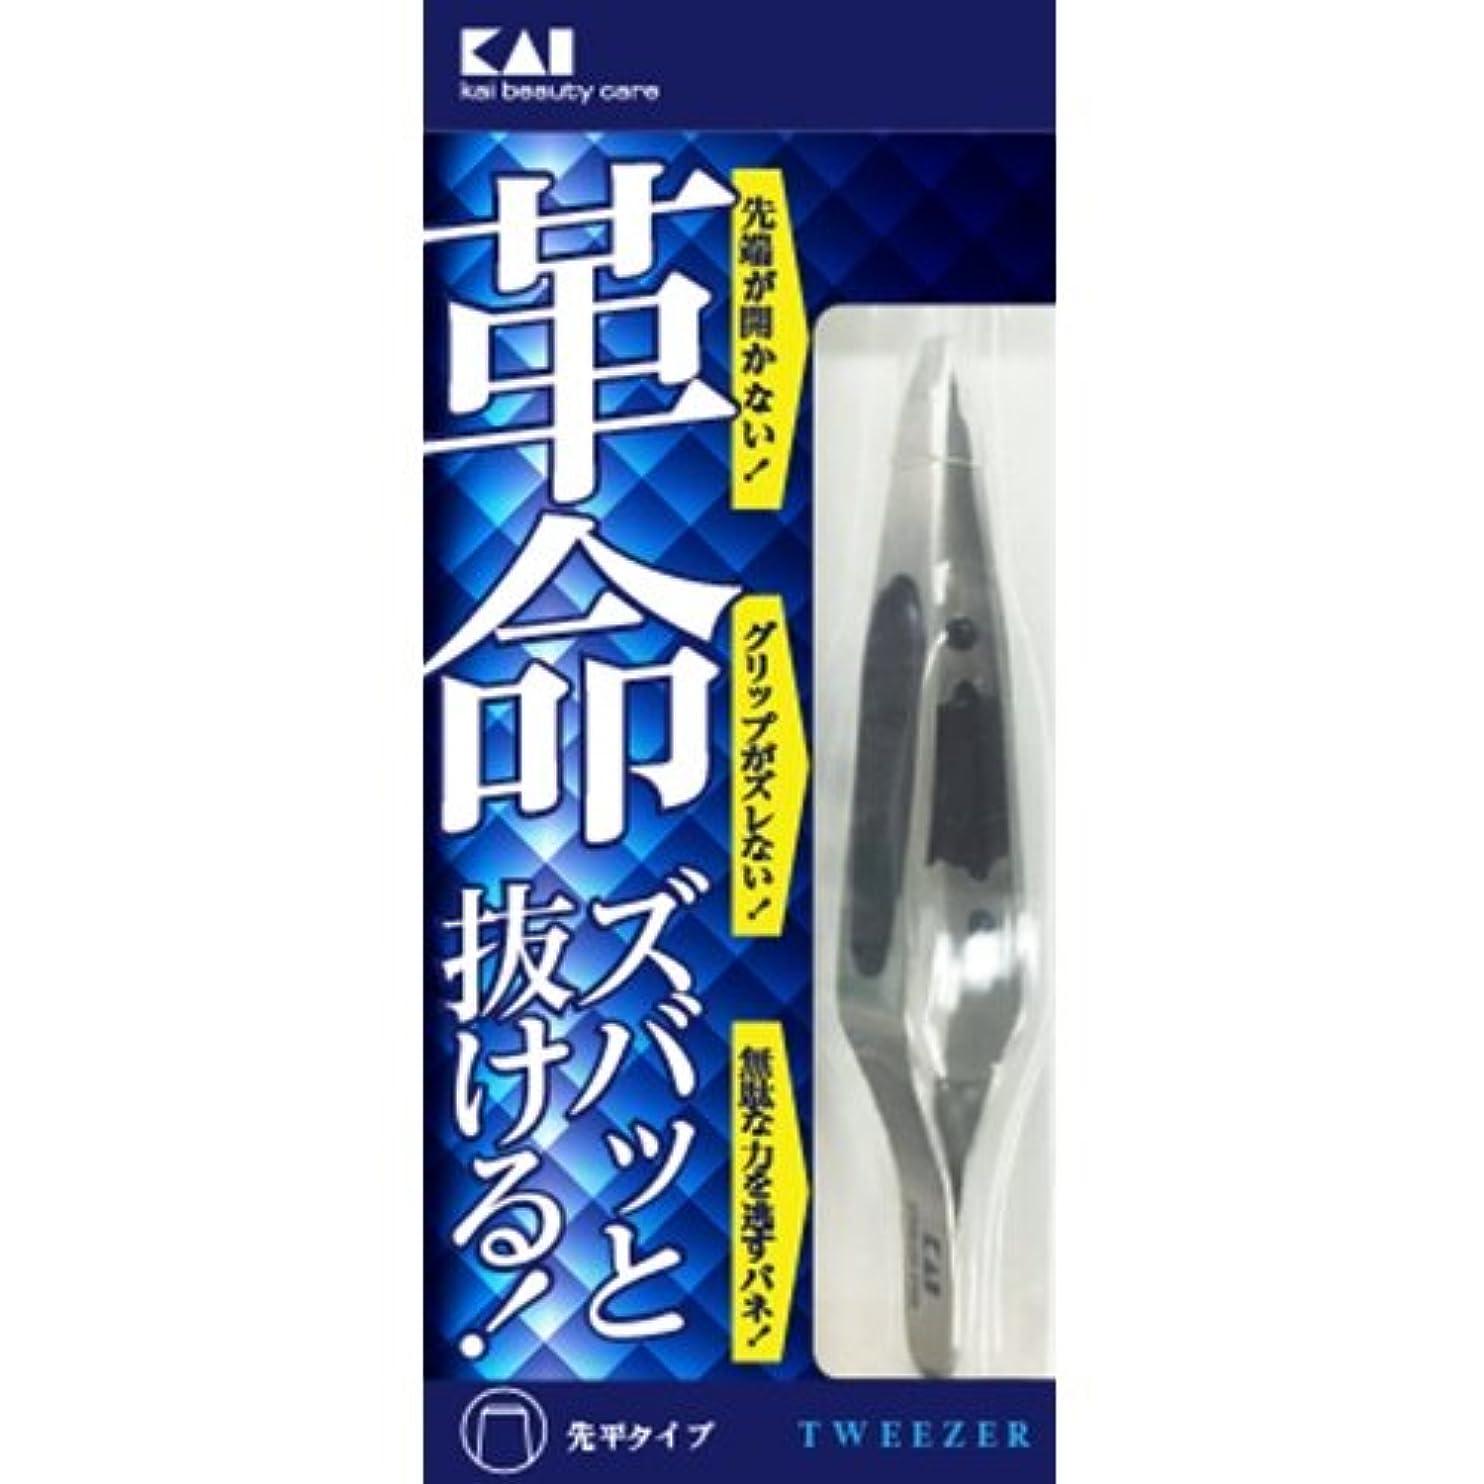 栄光のクレタタイムリーなキャッチャー毛抜き (先平 ) KQ3095